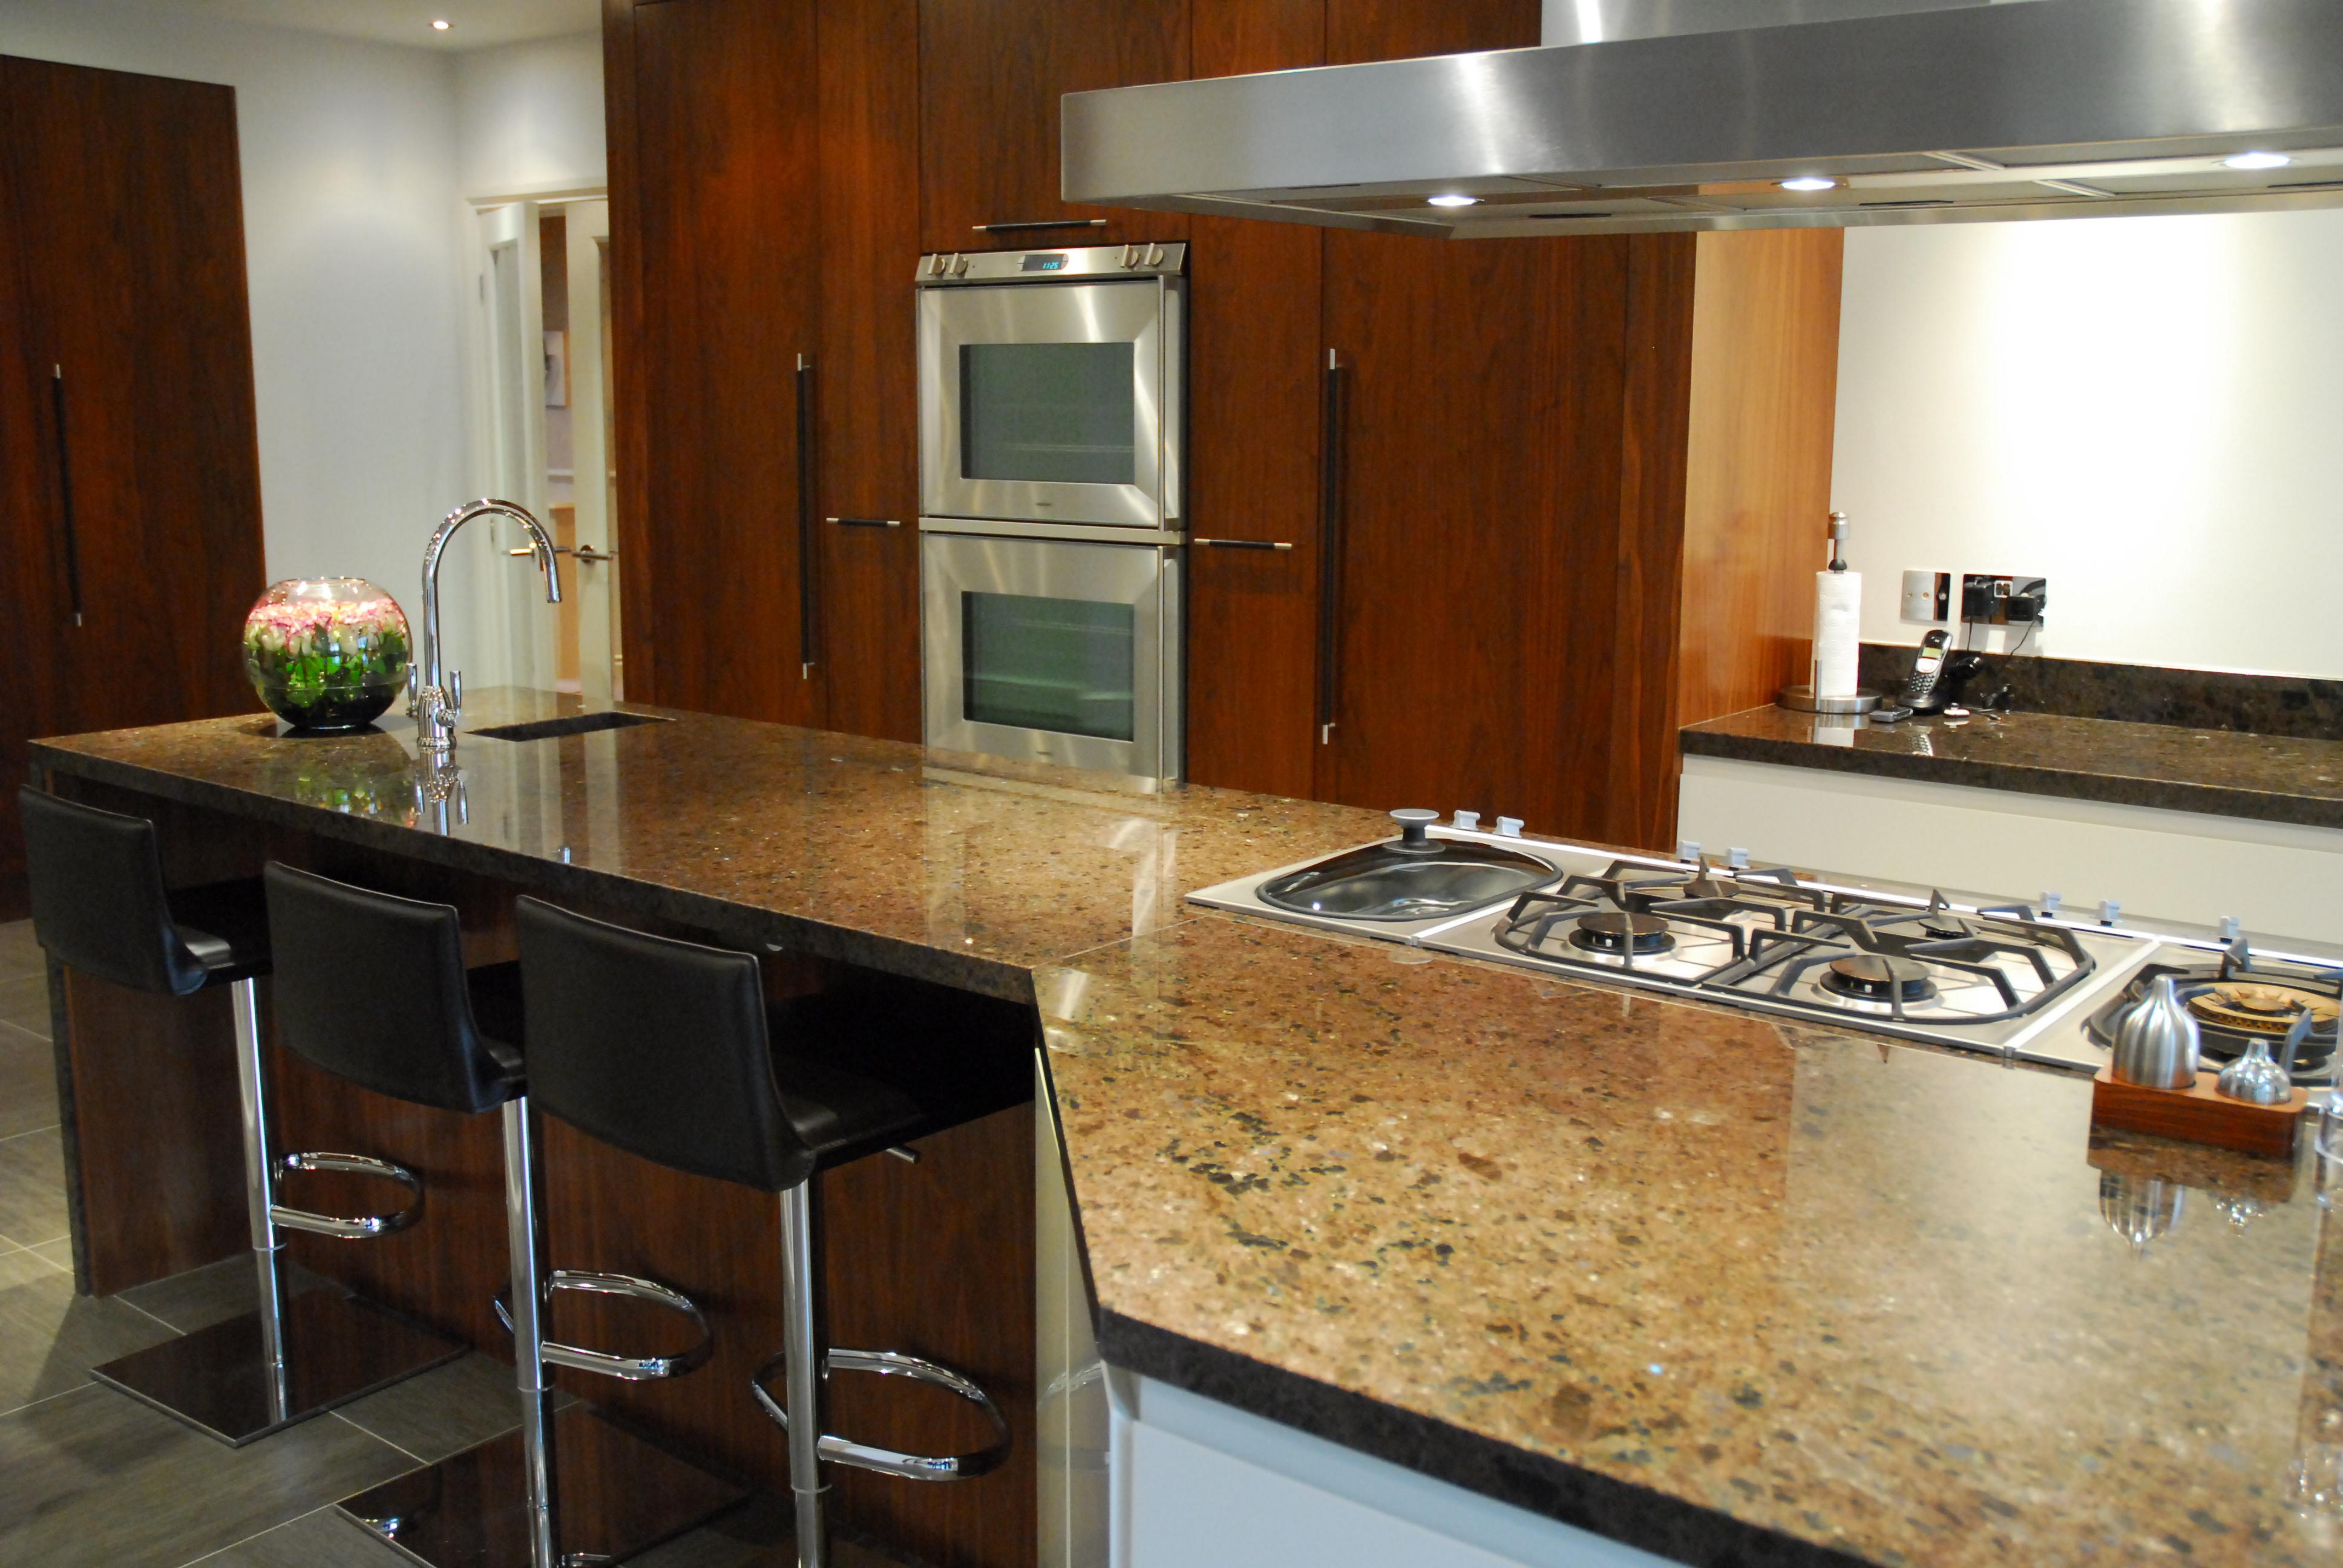 Milano Kitchens Alderley Edge by Acanthus Design